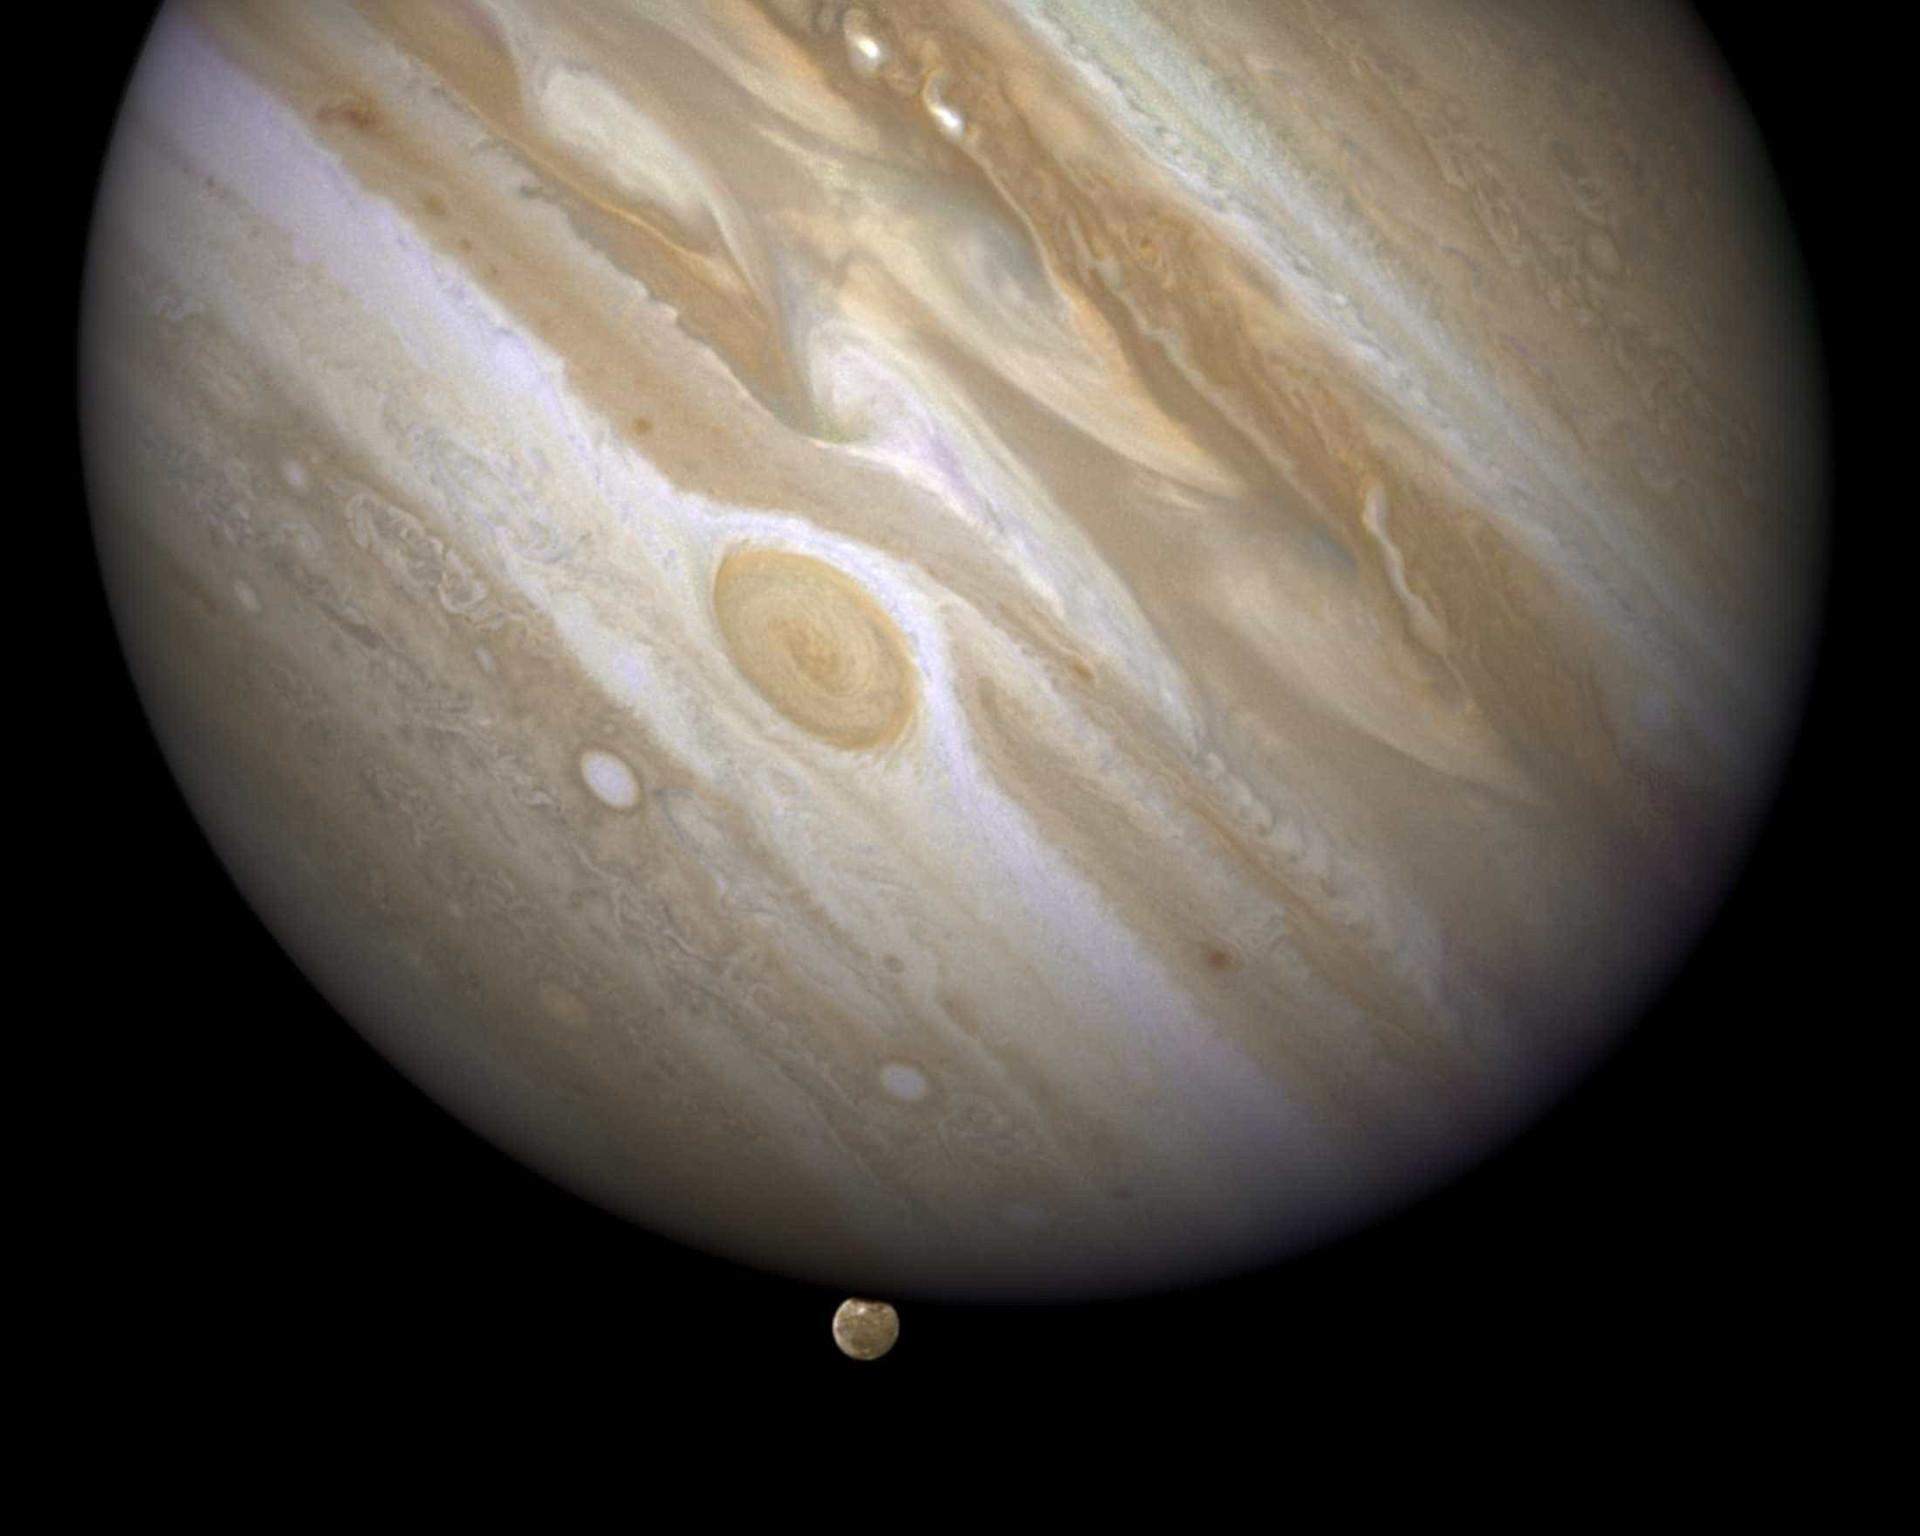 Descubra Júpiter através de imagens impressionantes